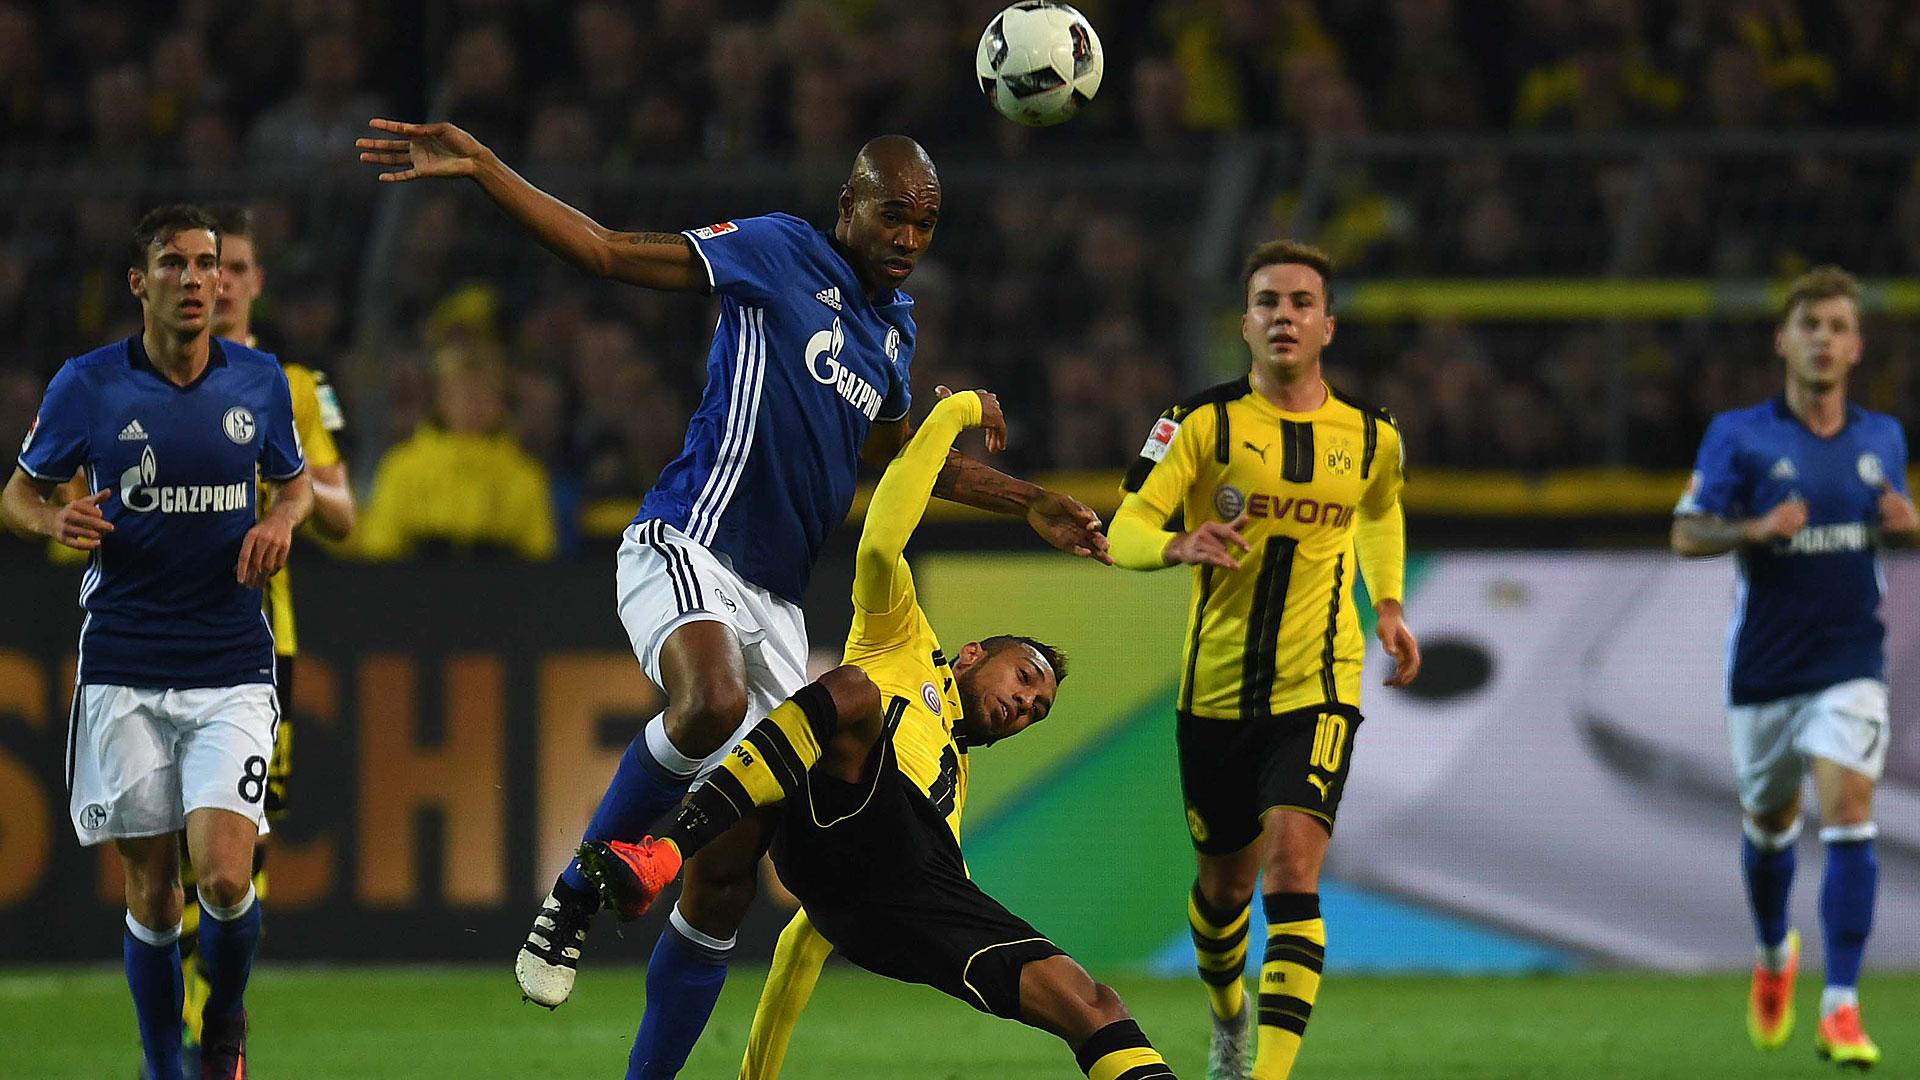 Naldo Schalke 04 Dortmund Bundesliga 29102016